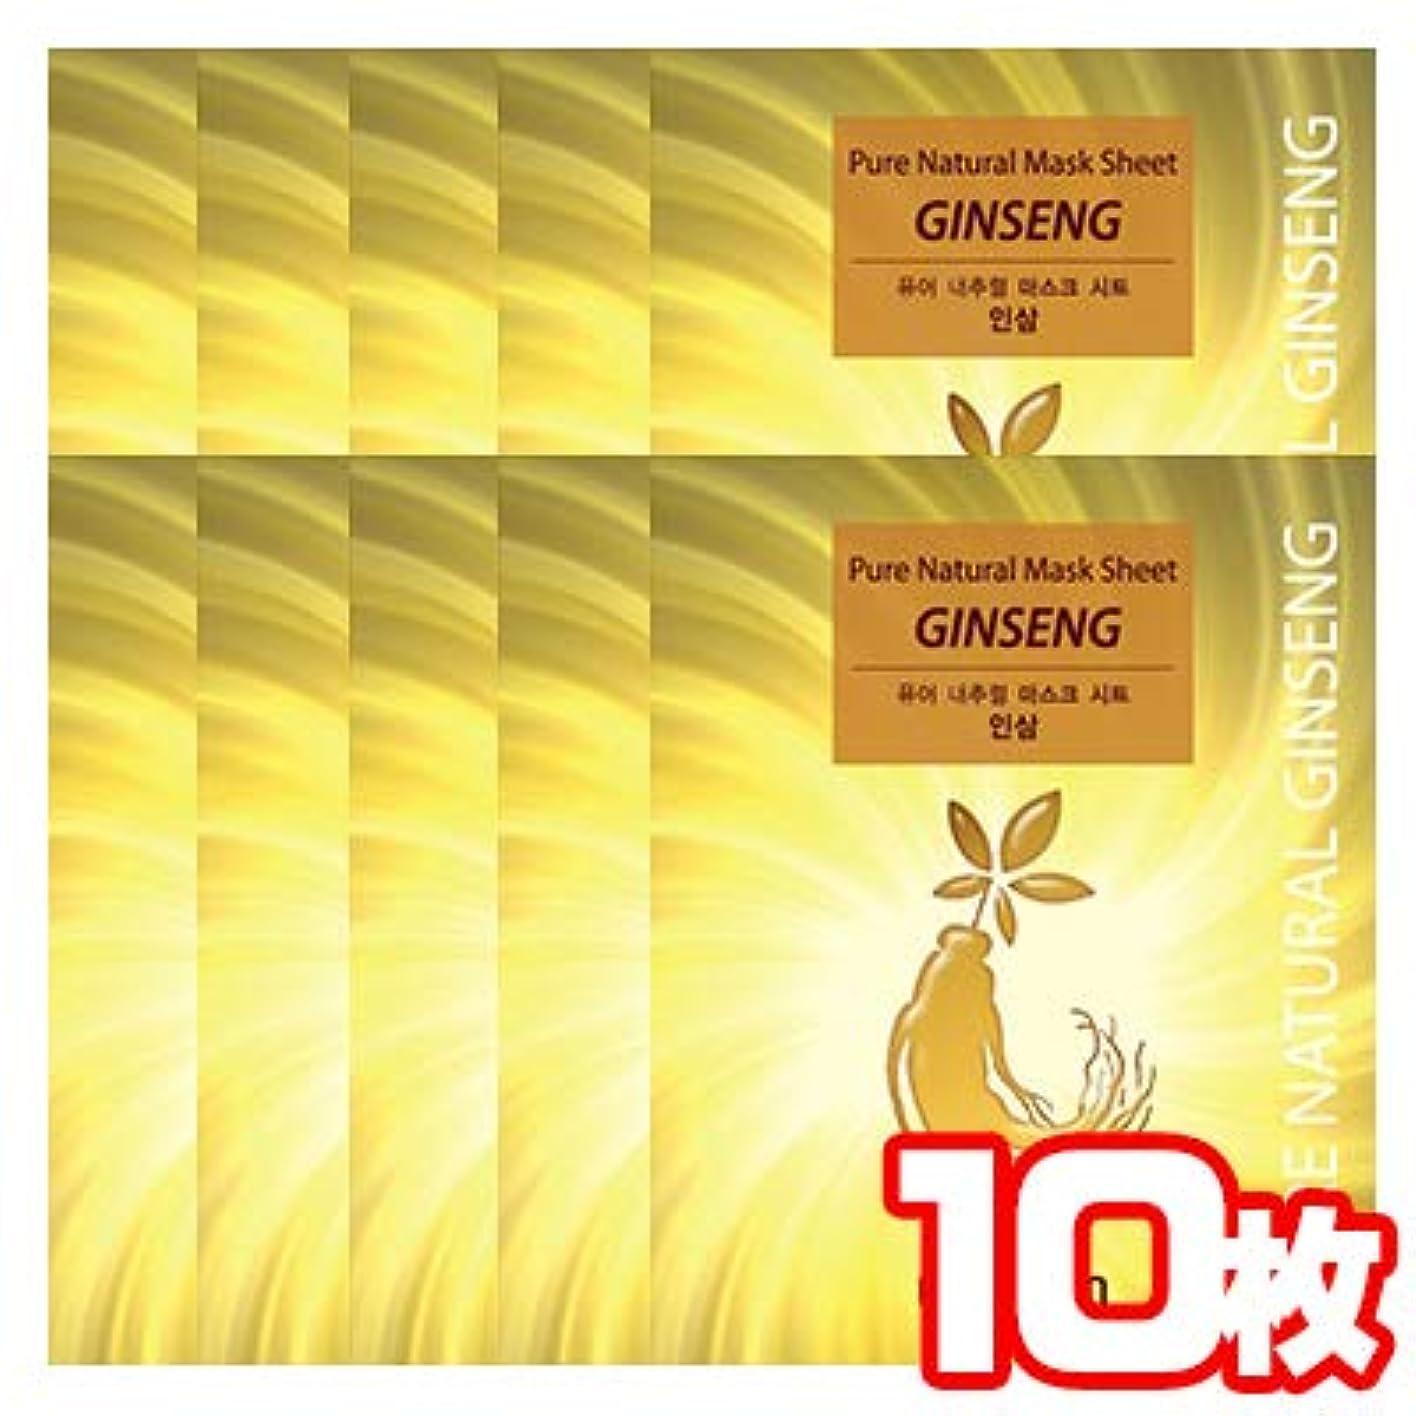 引用思いつくポゴスティックジャンプザセム ピュア ナチュラル マスクシート 3類 Pure Natural Mask Sheet 20mlx10枚 (高麗人参(10枚))